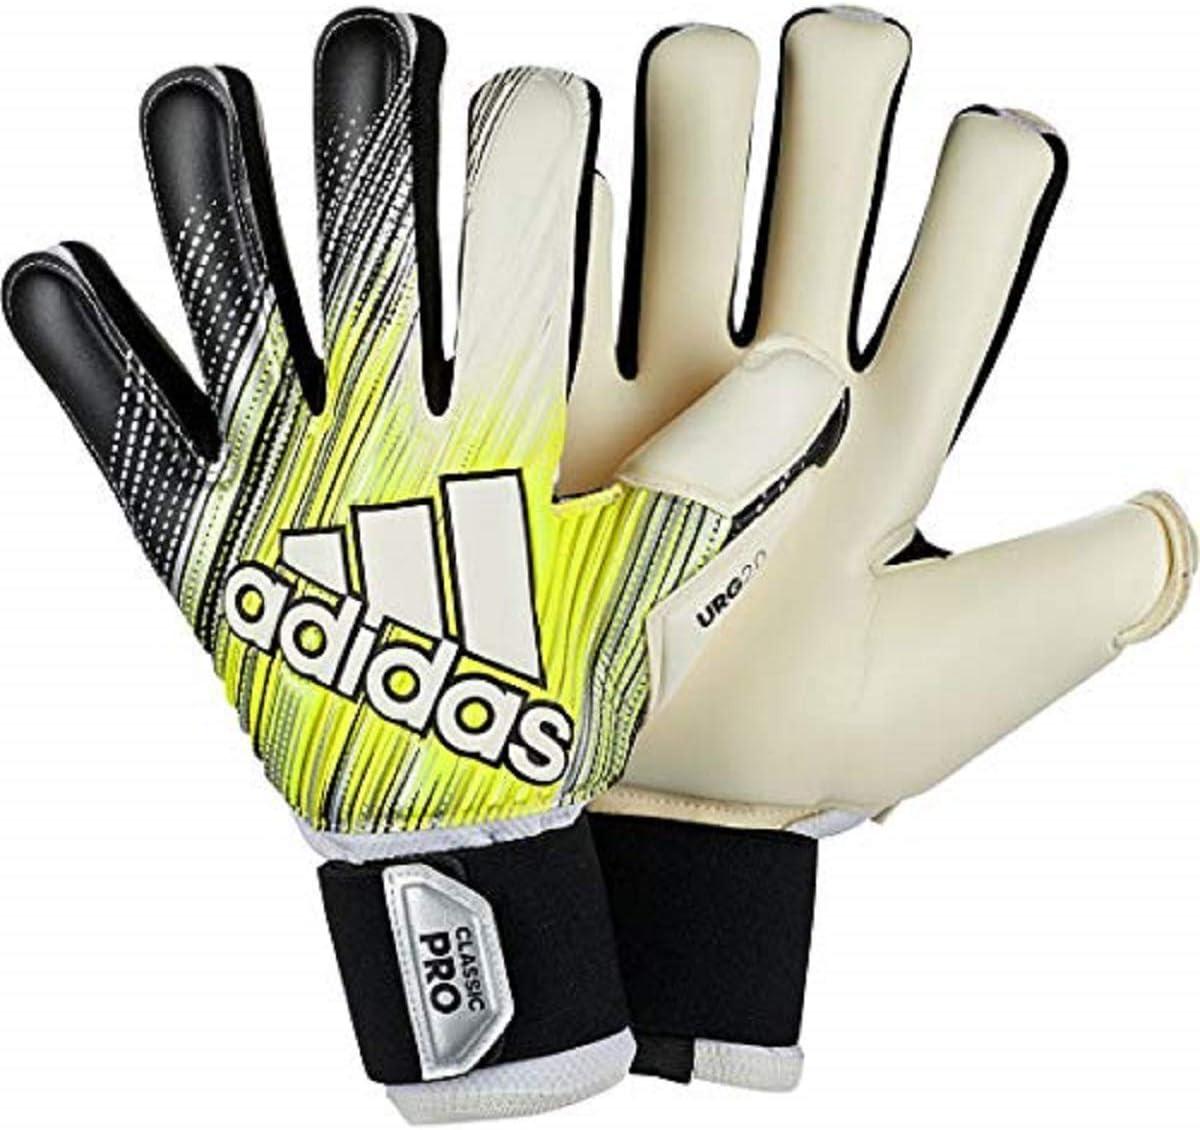 Espectador Reunión Continental  Amazon.com : adidas Classic Pro Goalkeeper Gloves : Sports & Outdoors